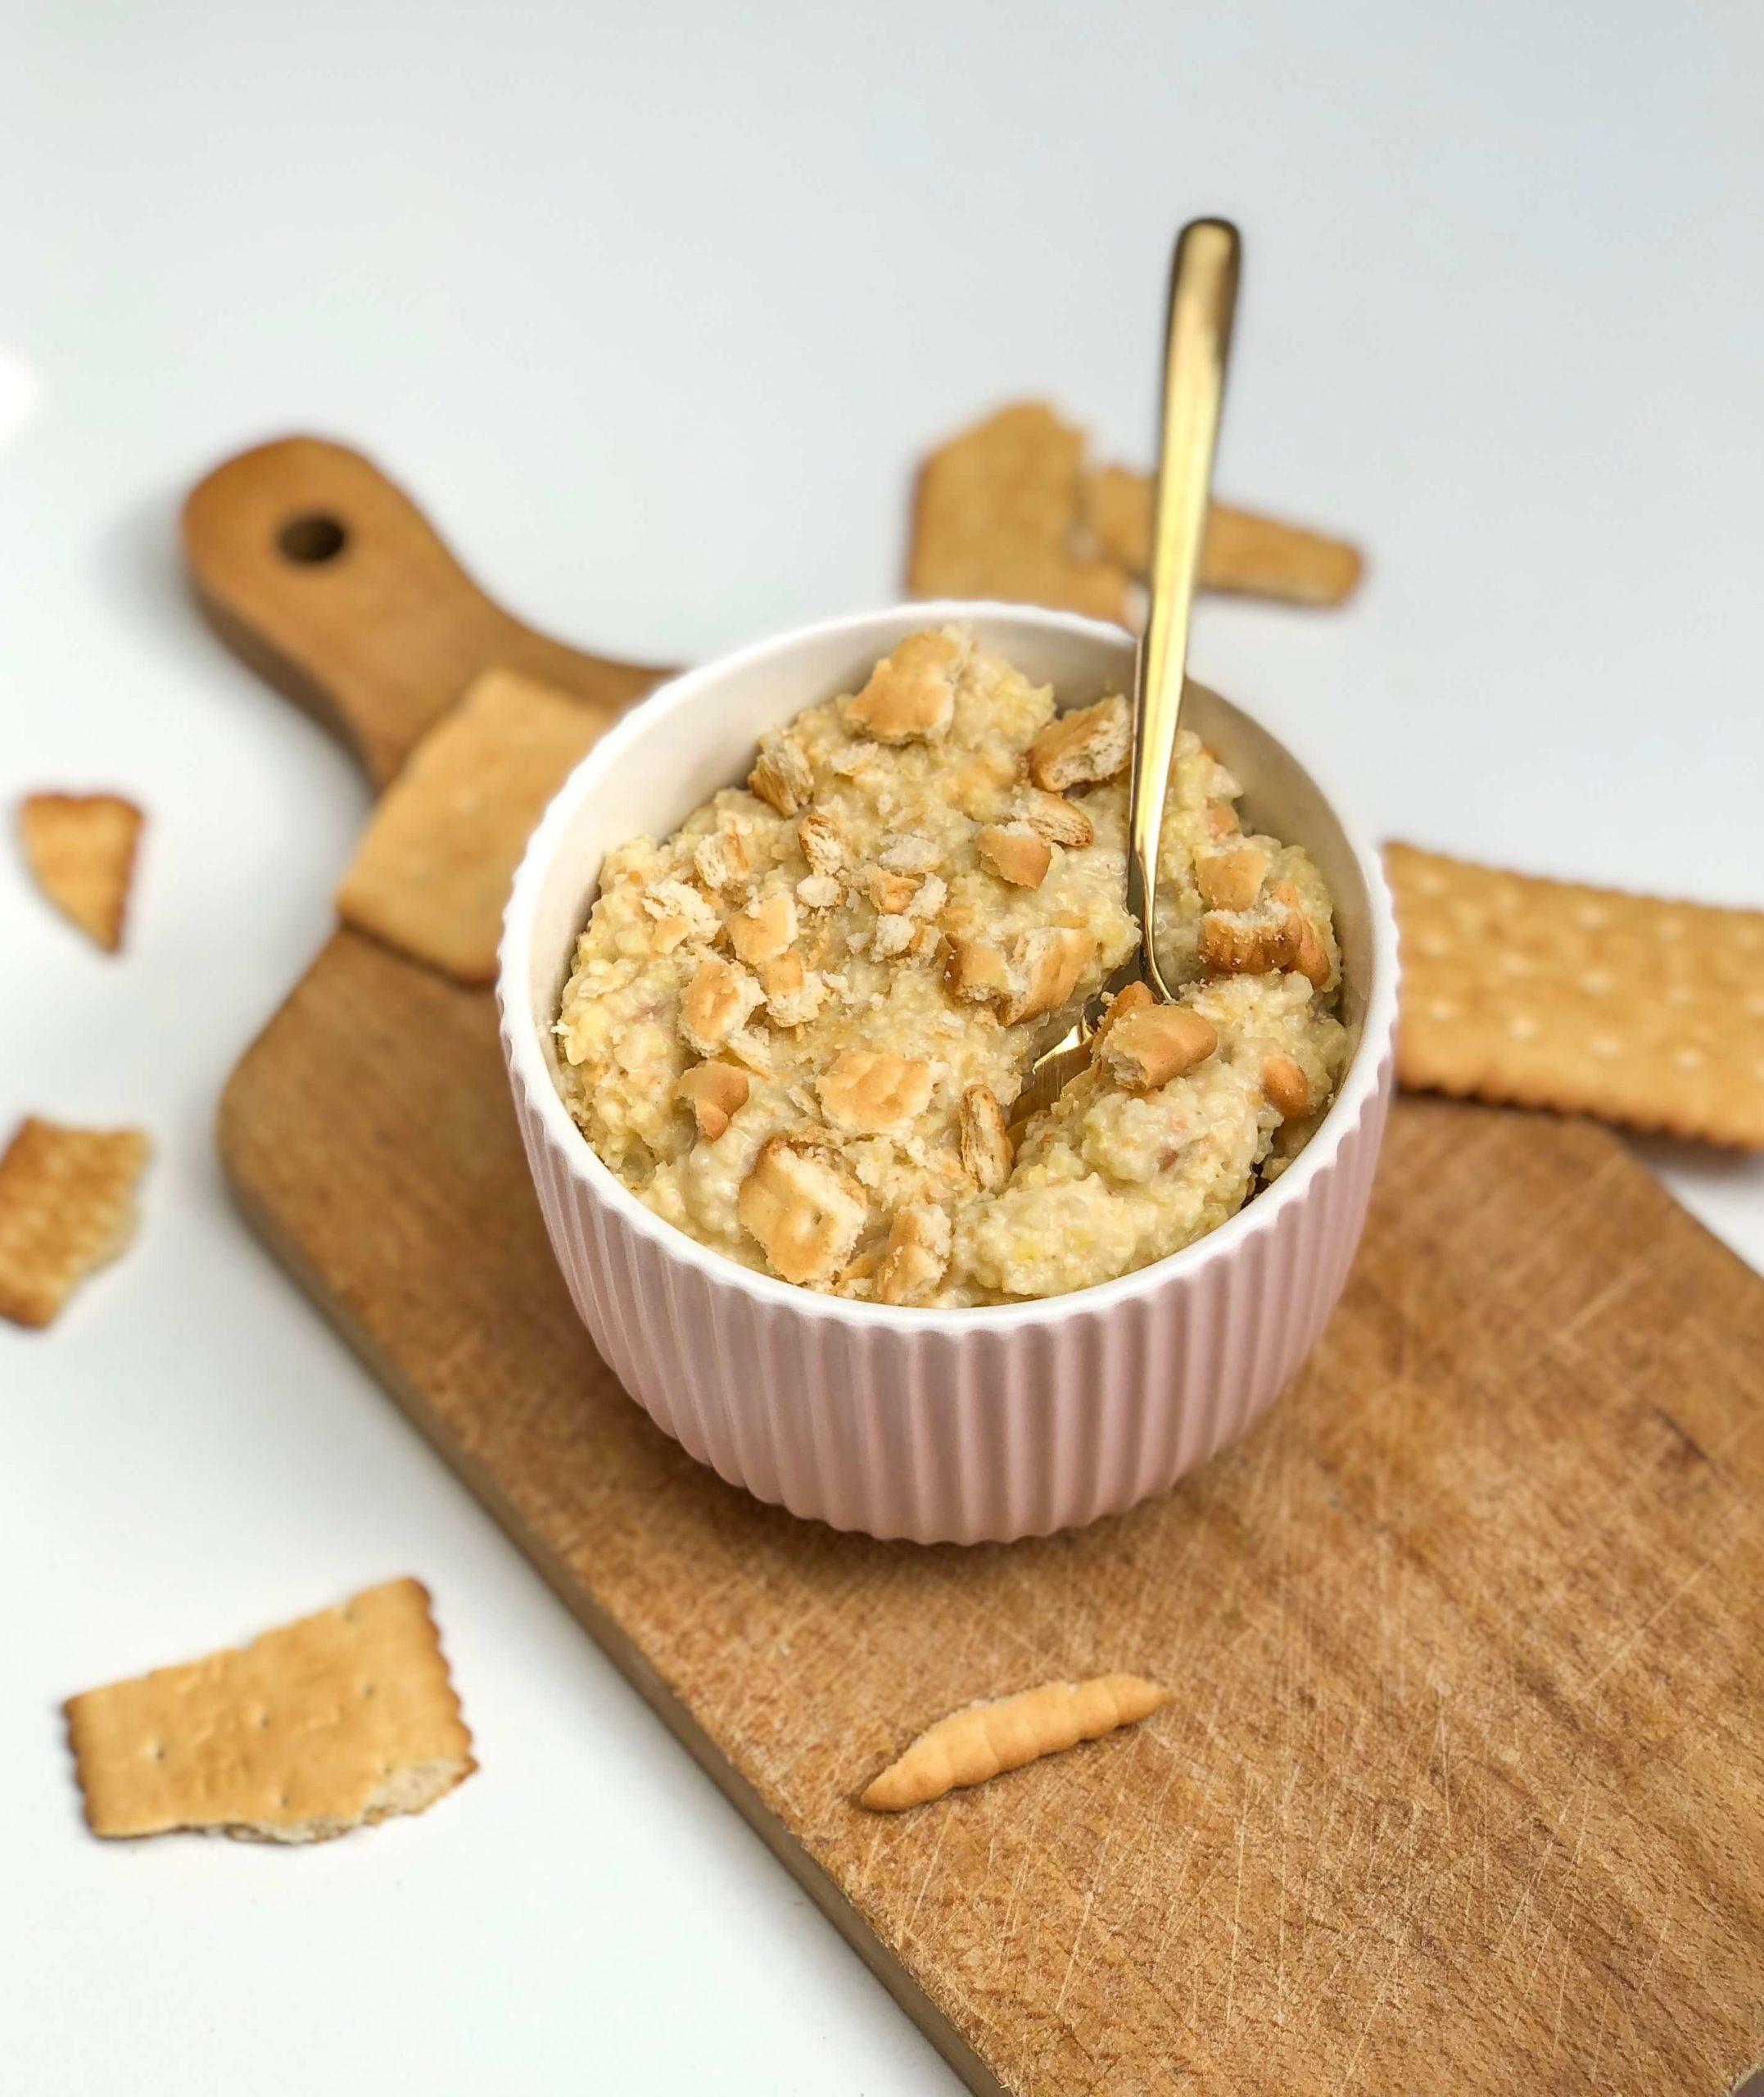 Przepis na zdrową jaglankę ciasteczkową - pomysł na fit śniadanie